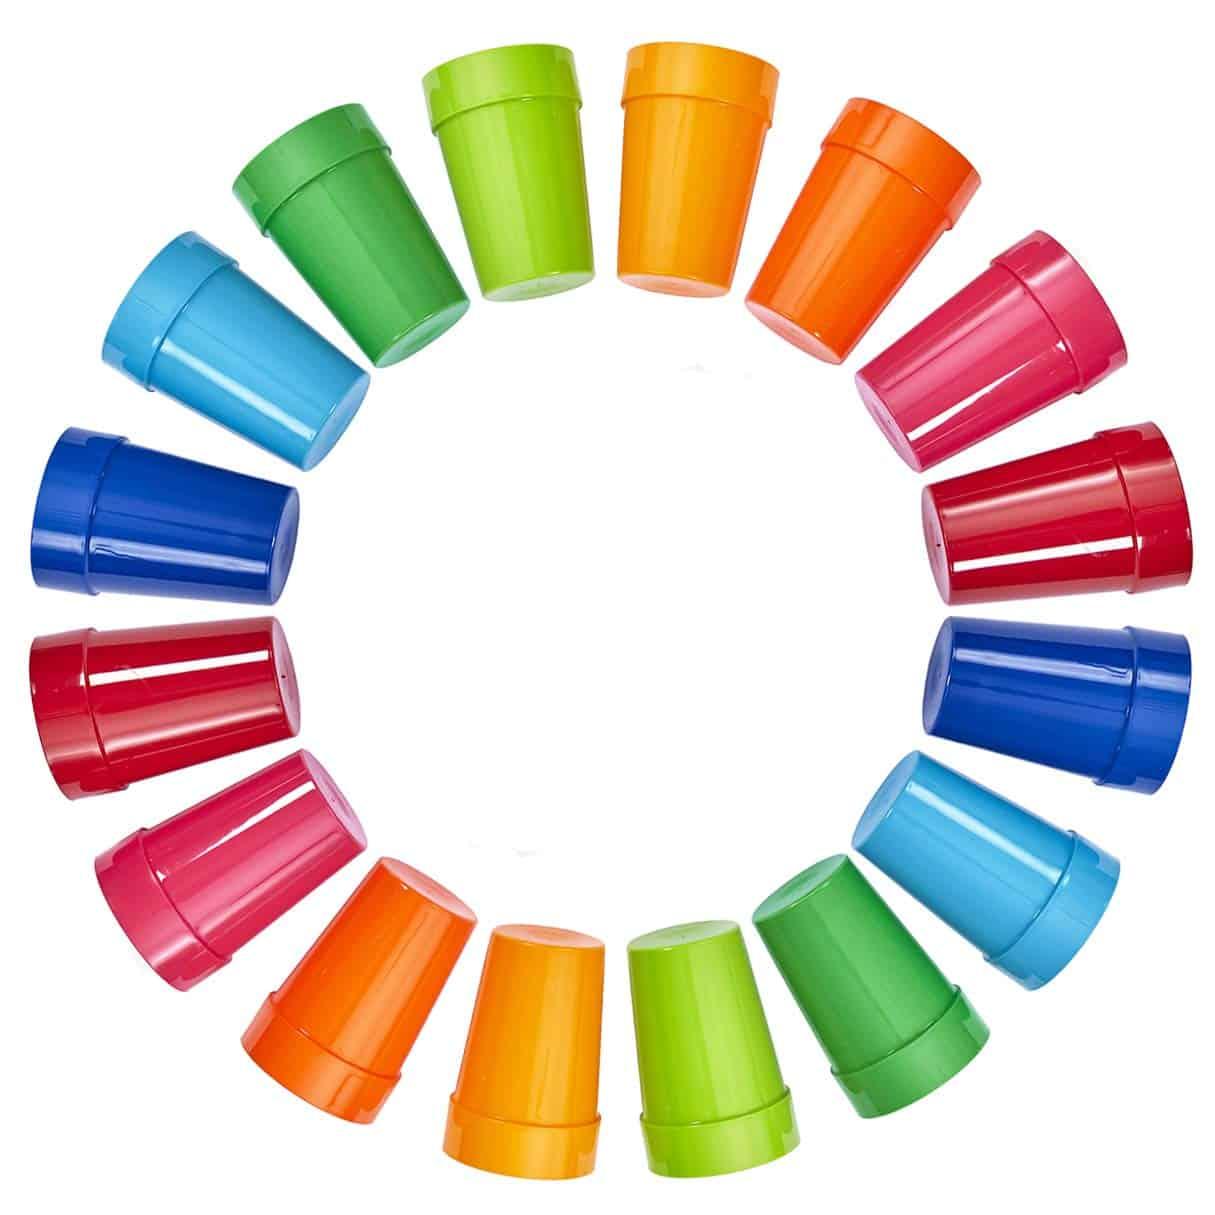 Set of 16 Spectrum Unbreakable Plastic 10oz Kids Juice Tumblers in 8 Assorted Colors